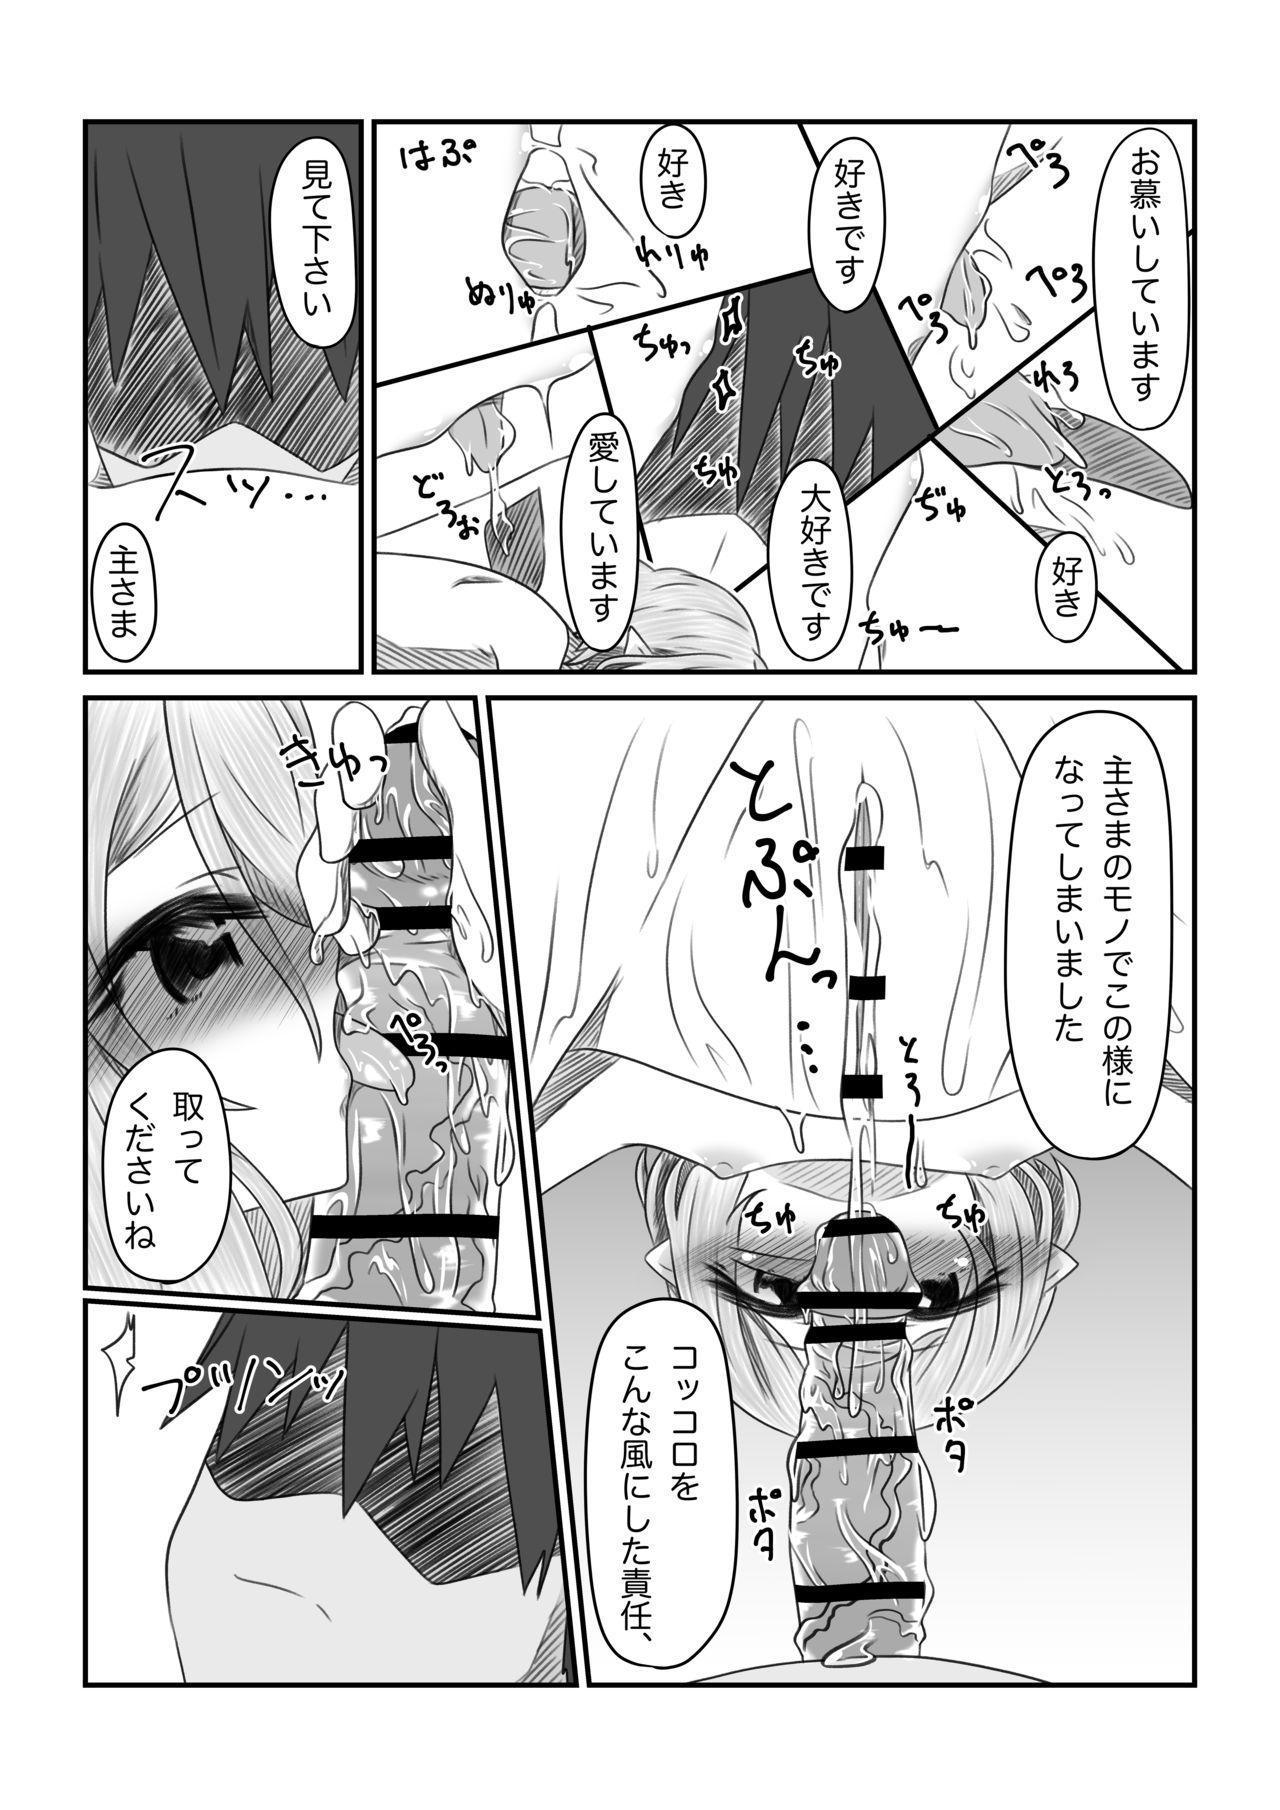 Sore wa amesu-sama ni kinshi sa rete imasu 49